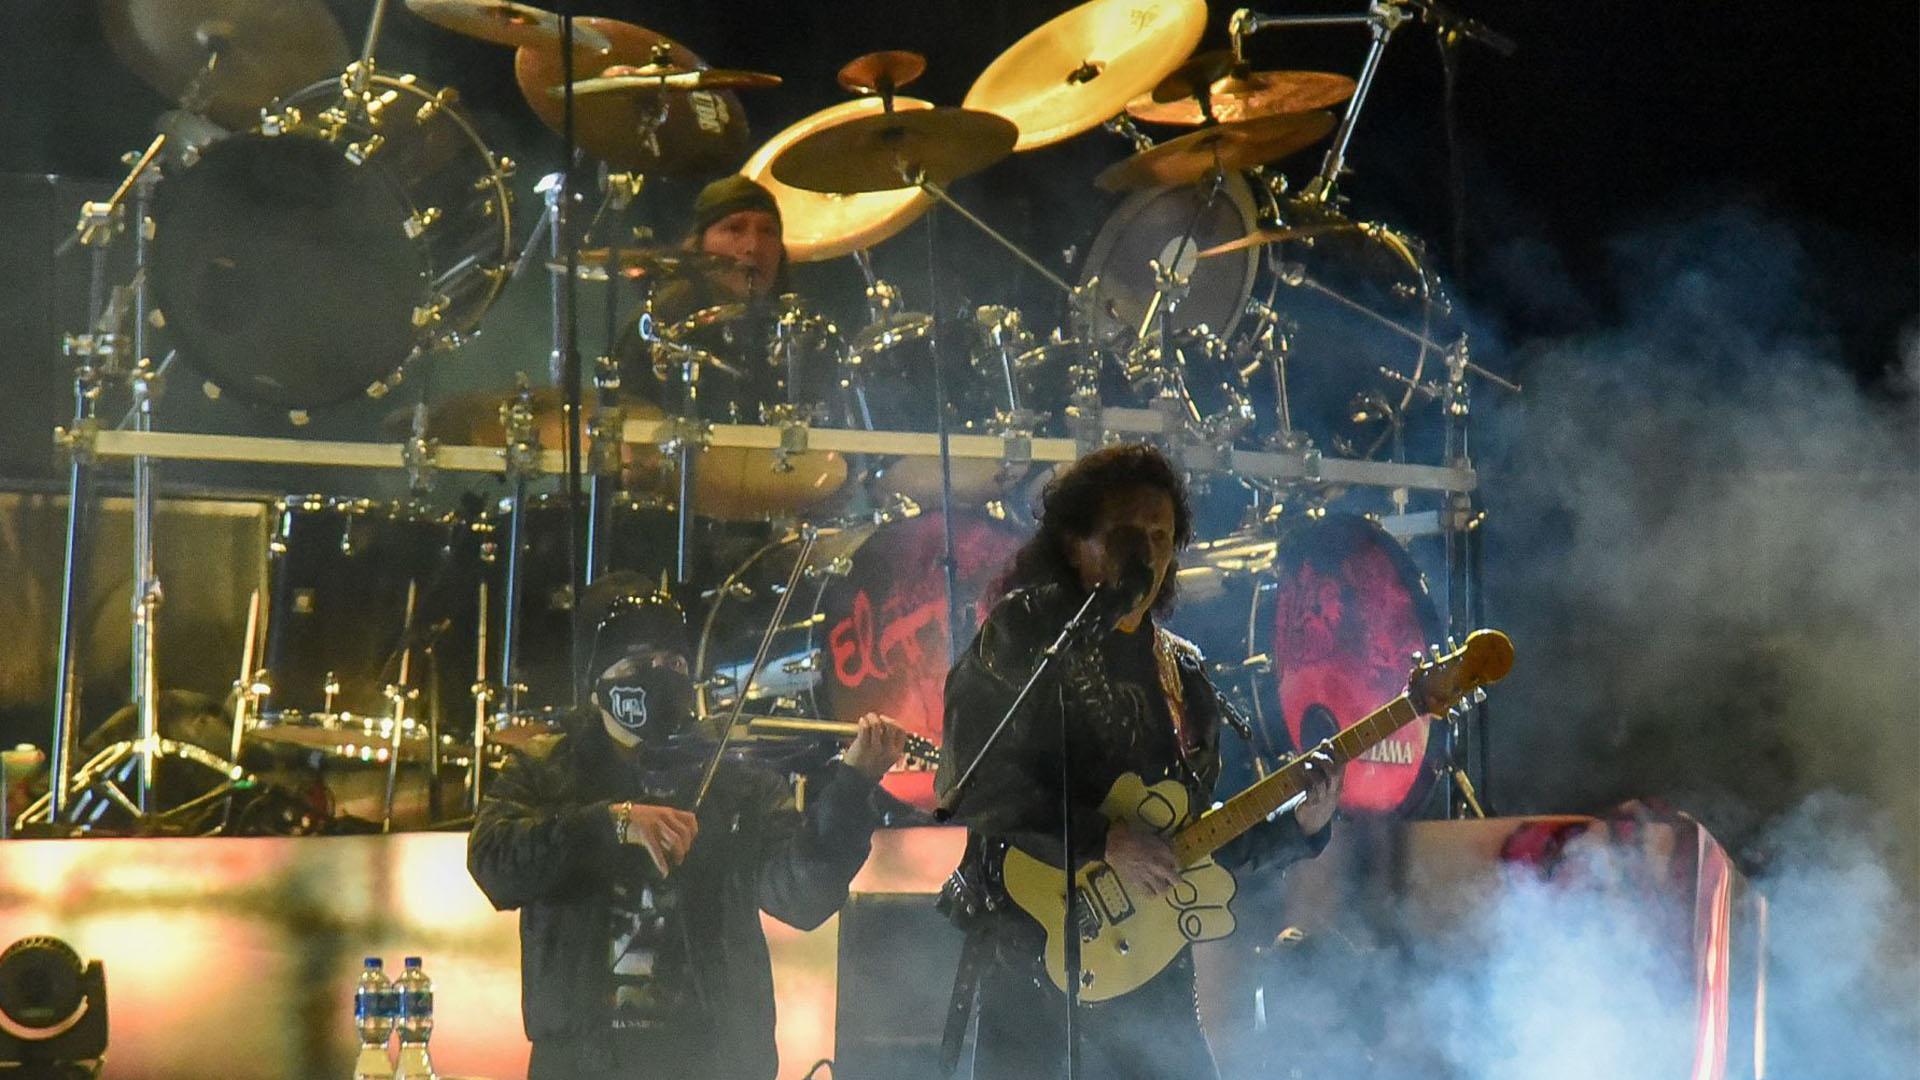 Alex Lora líder de la banda se mostró muy emocionado de poder presentarse frente a un publico en vivo después de meses de inactividad en los escenarios (Foto: Cuartoscuro)